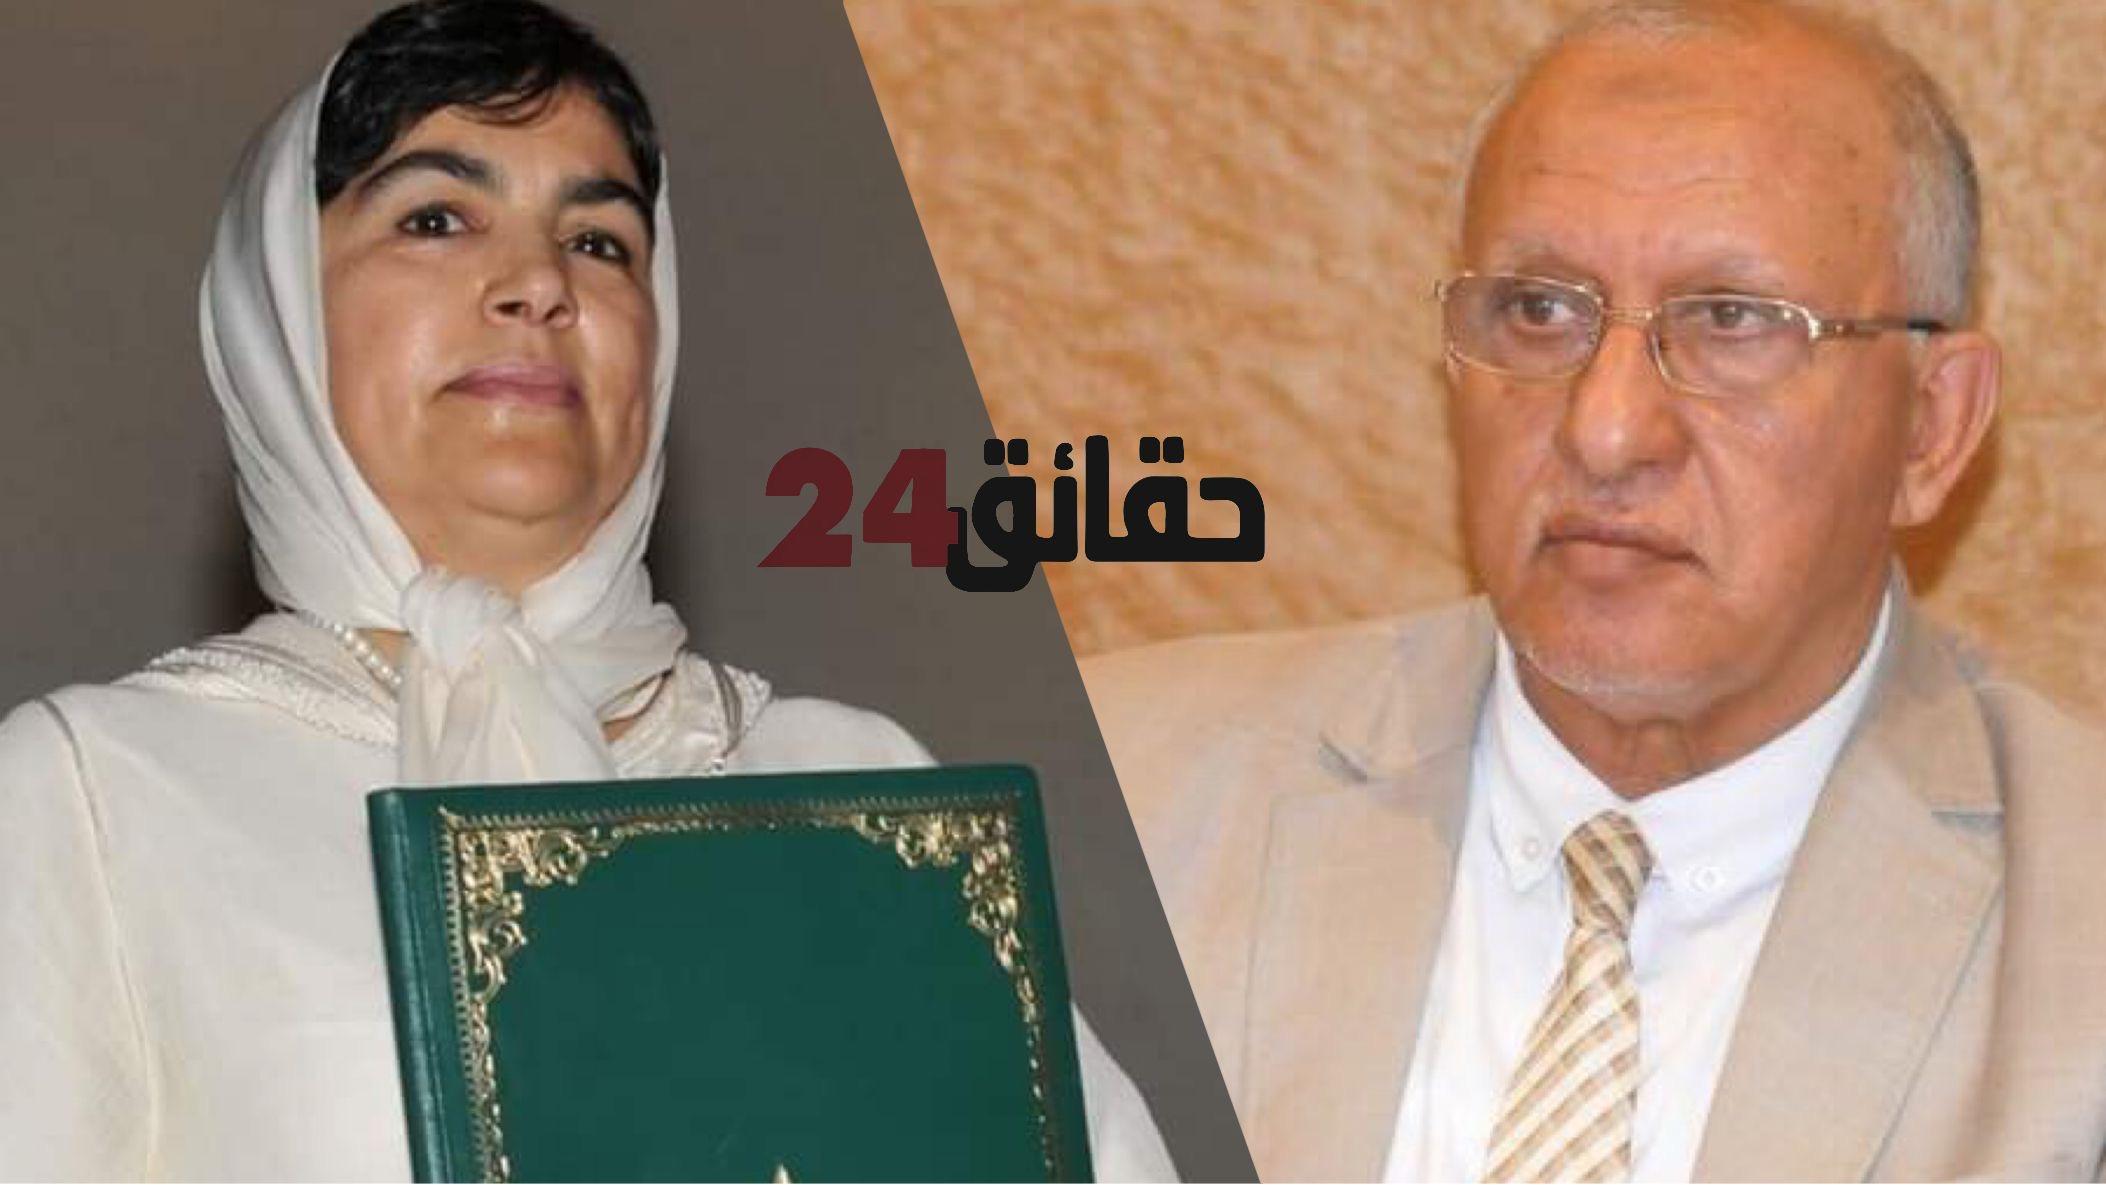 صورة المالوكي أمام قاضي التحقيق على خلفية تقارير زينب العدوي